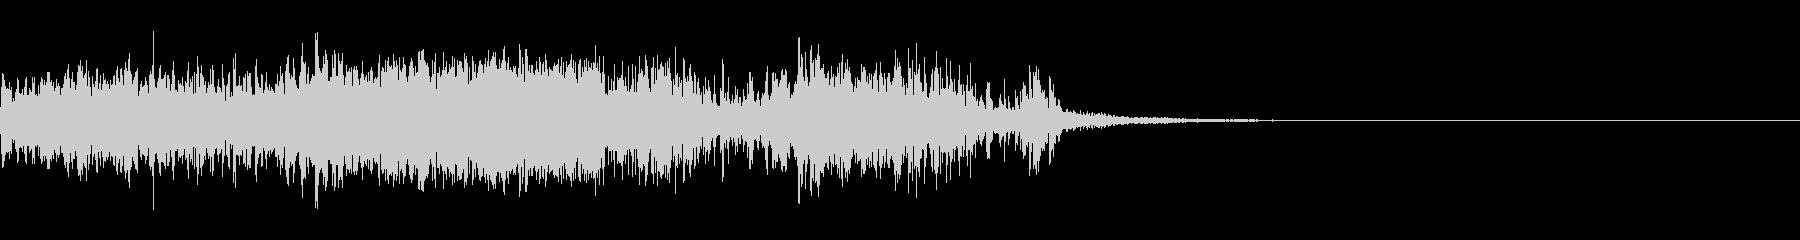 スパーク音-24の未再生の波形